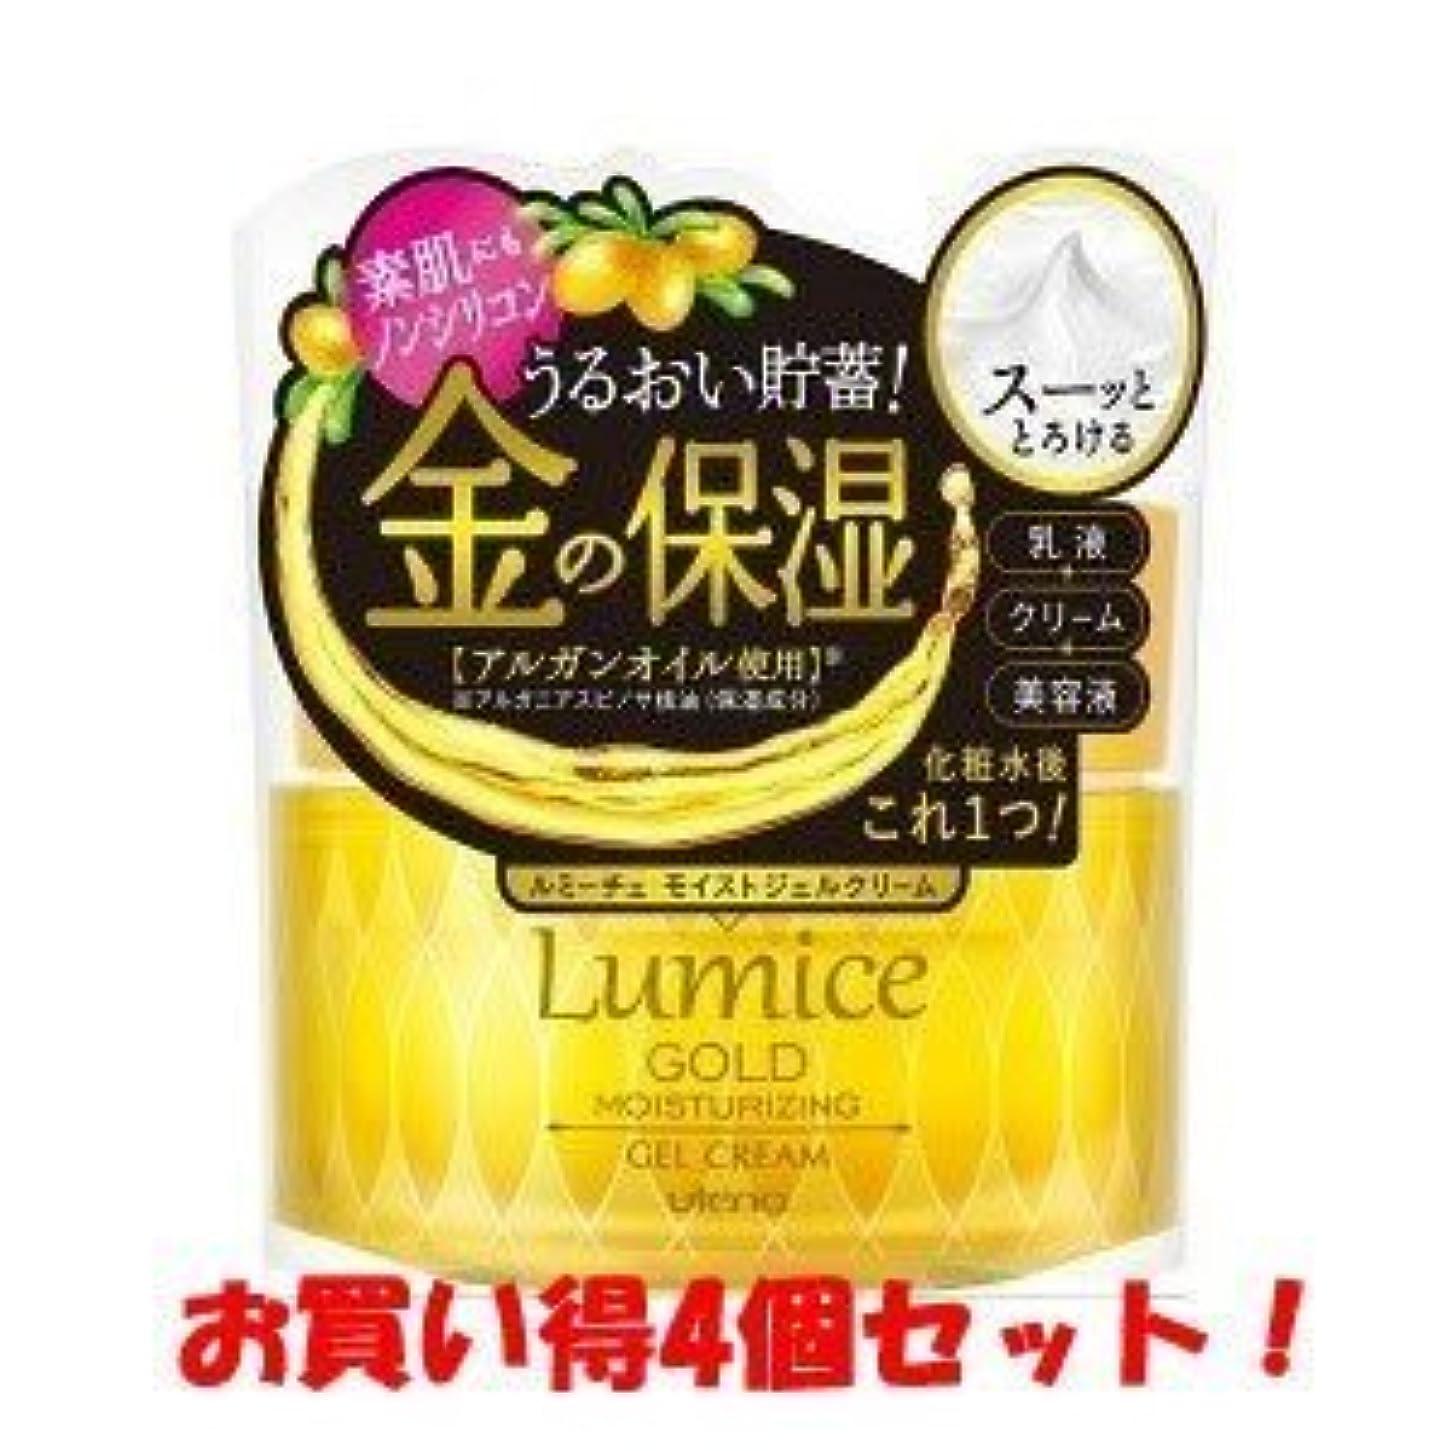 ラックブルジョン吸収剤(ウテナ)ルミーチェ ゴールド ジェルクリーム 80g(お買い得4個セット)